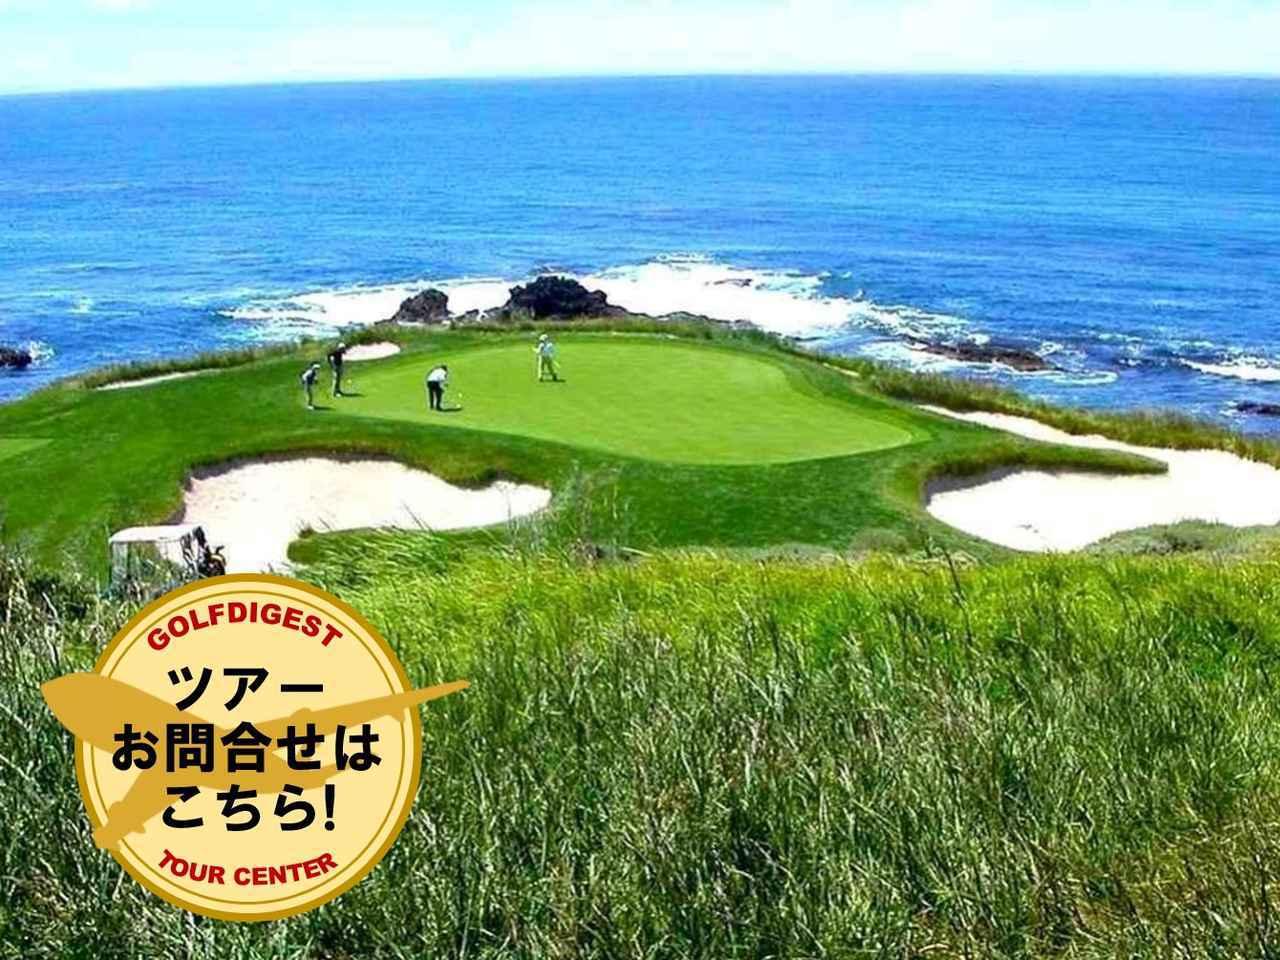 画像: 【アメリカ・GWペブルビーチ】メジャーの舞台、ペブルビーチとモントレー半島の名コース巡り 7日間 3プレー(添乗員同行/一人予約可能) - ゴルフへ行こうWEB by ゴルフダイジェスト